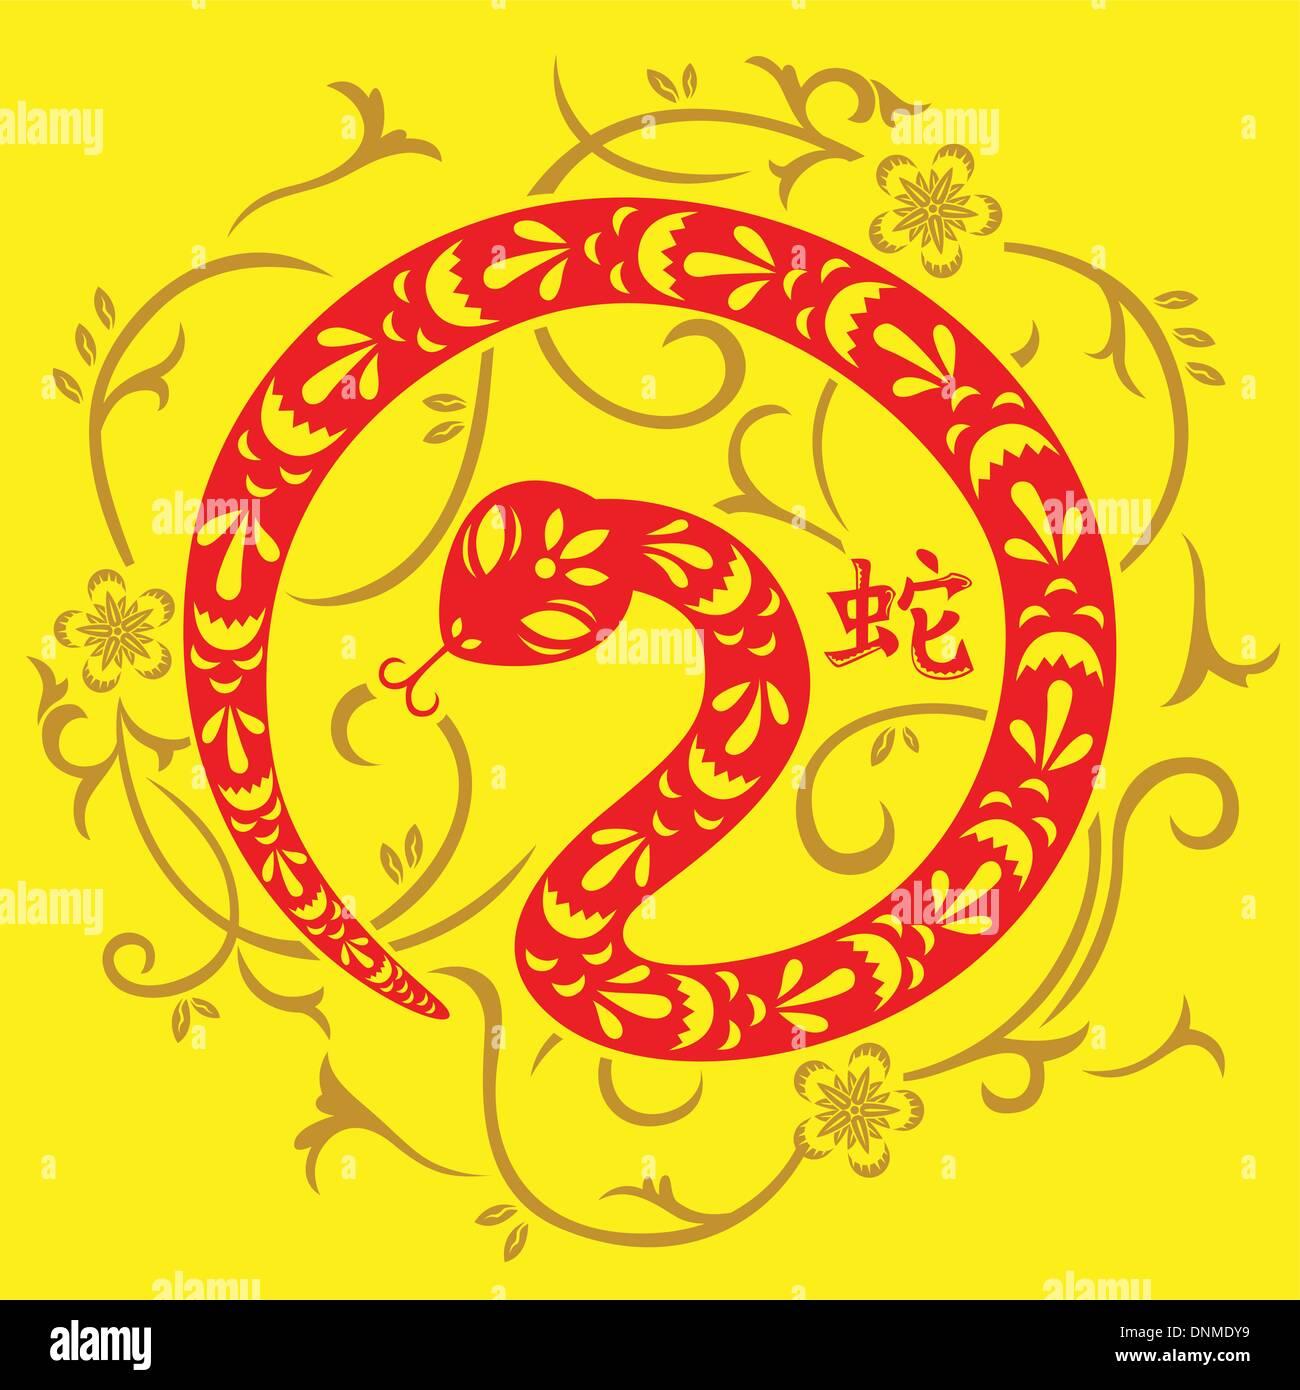 Una ilustración vectorial del Año de la Serpiente diseño para la celebración del Año Nuevo Chino Imagen De Stock